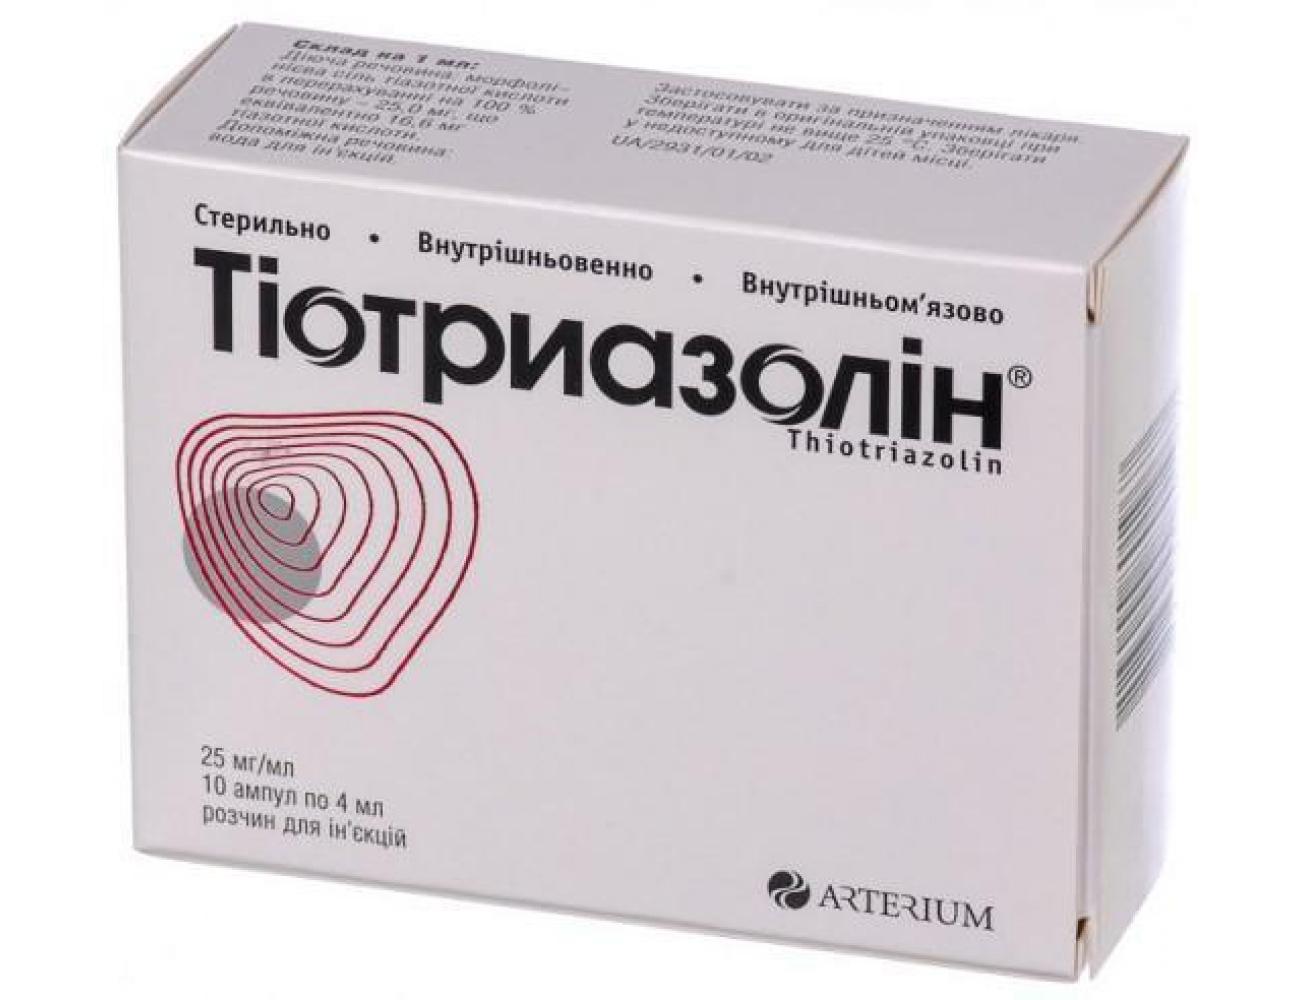 Тиотриазолин свойства